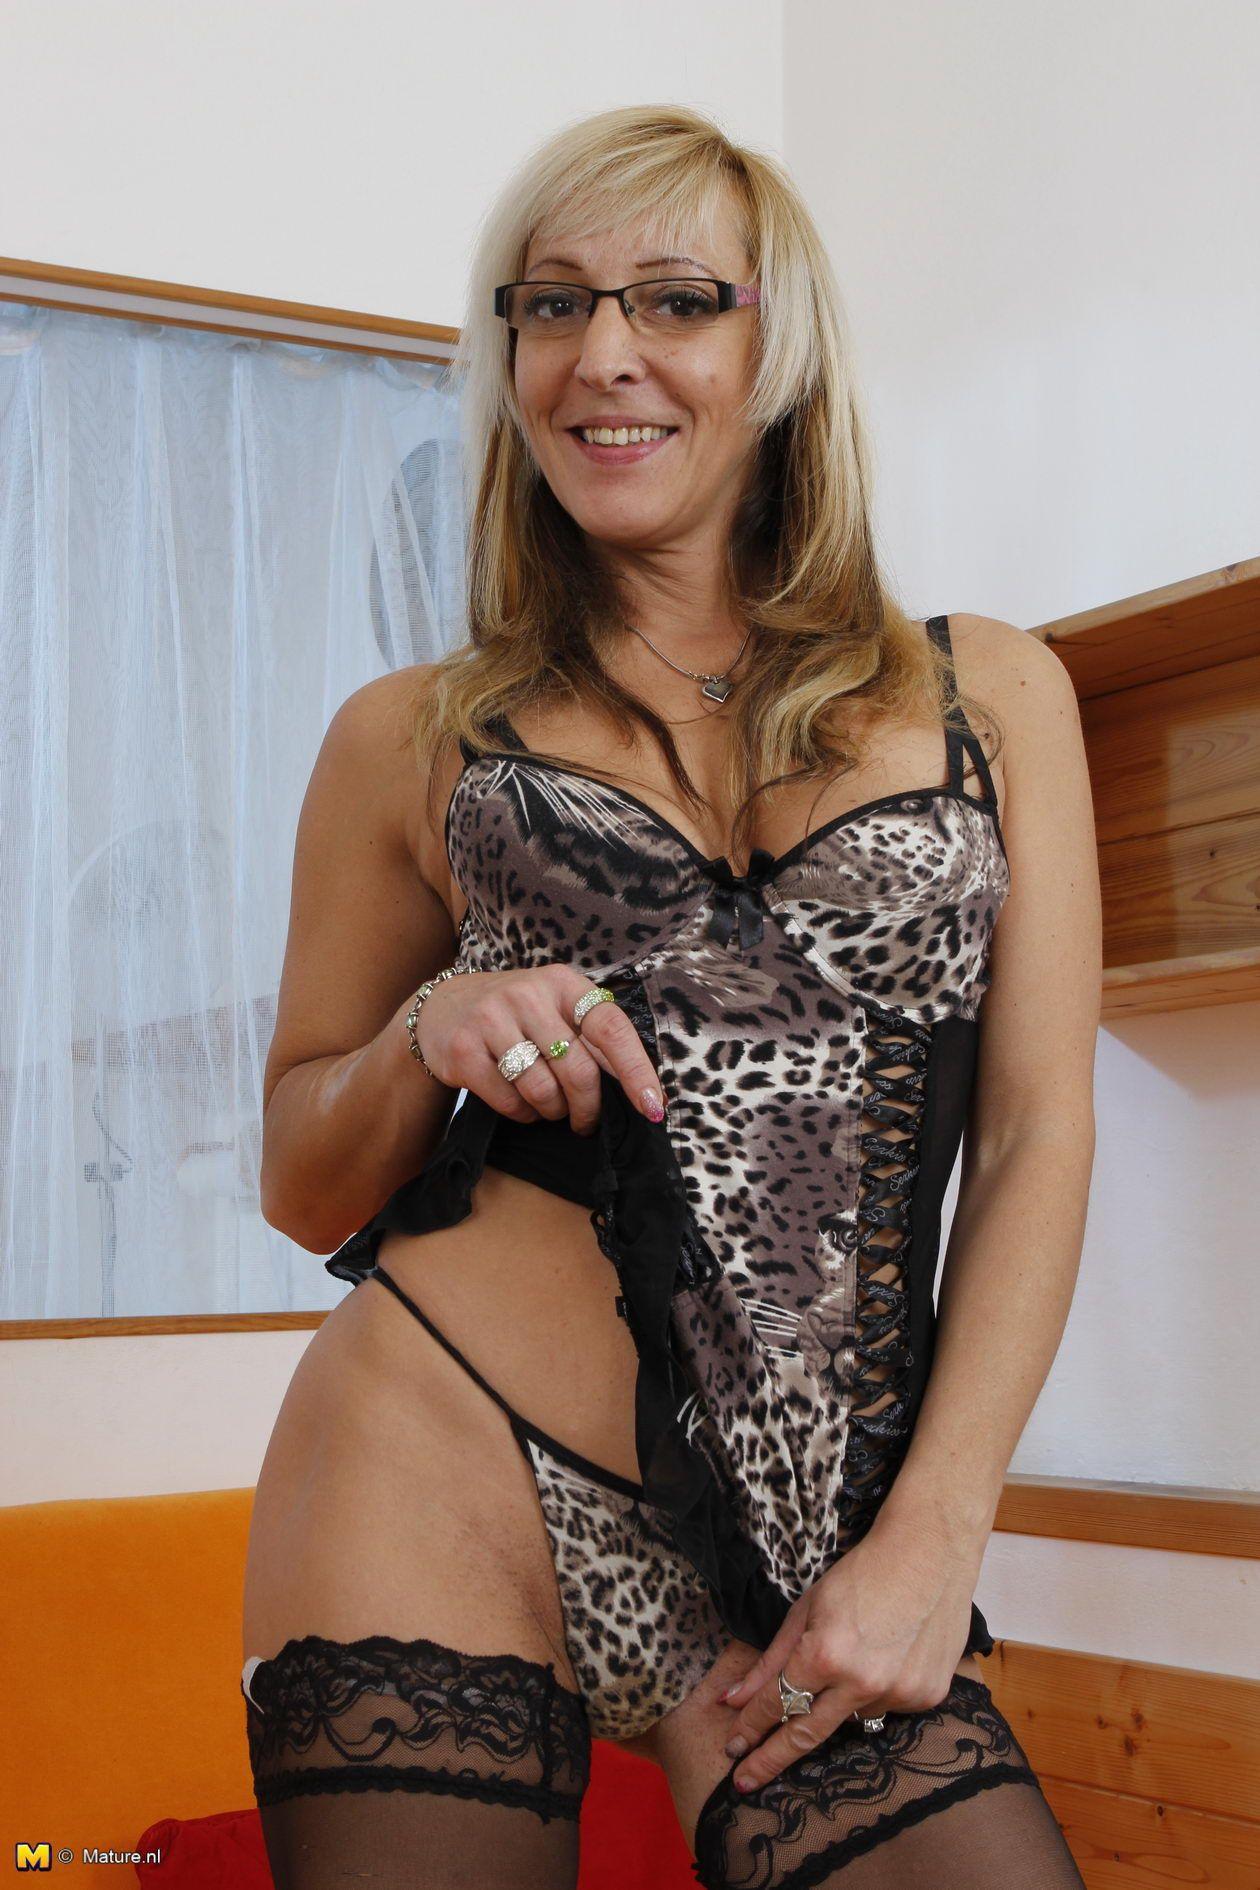 Masiela lusha in naked